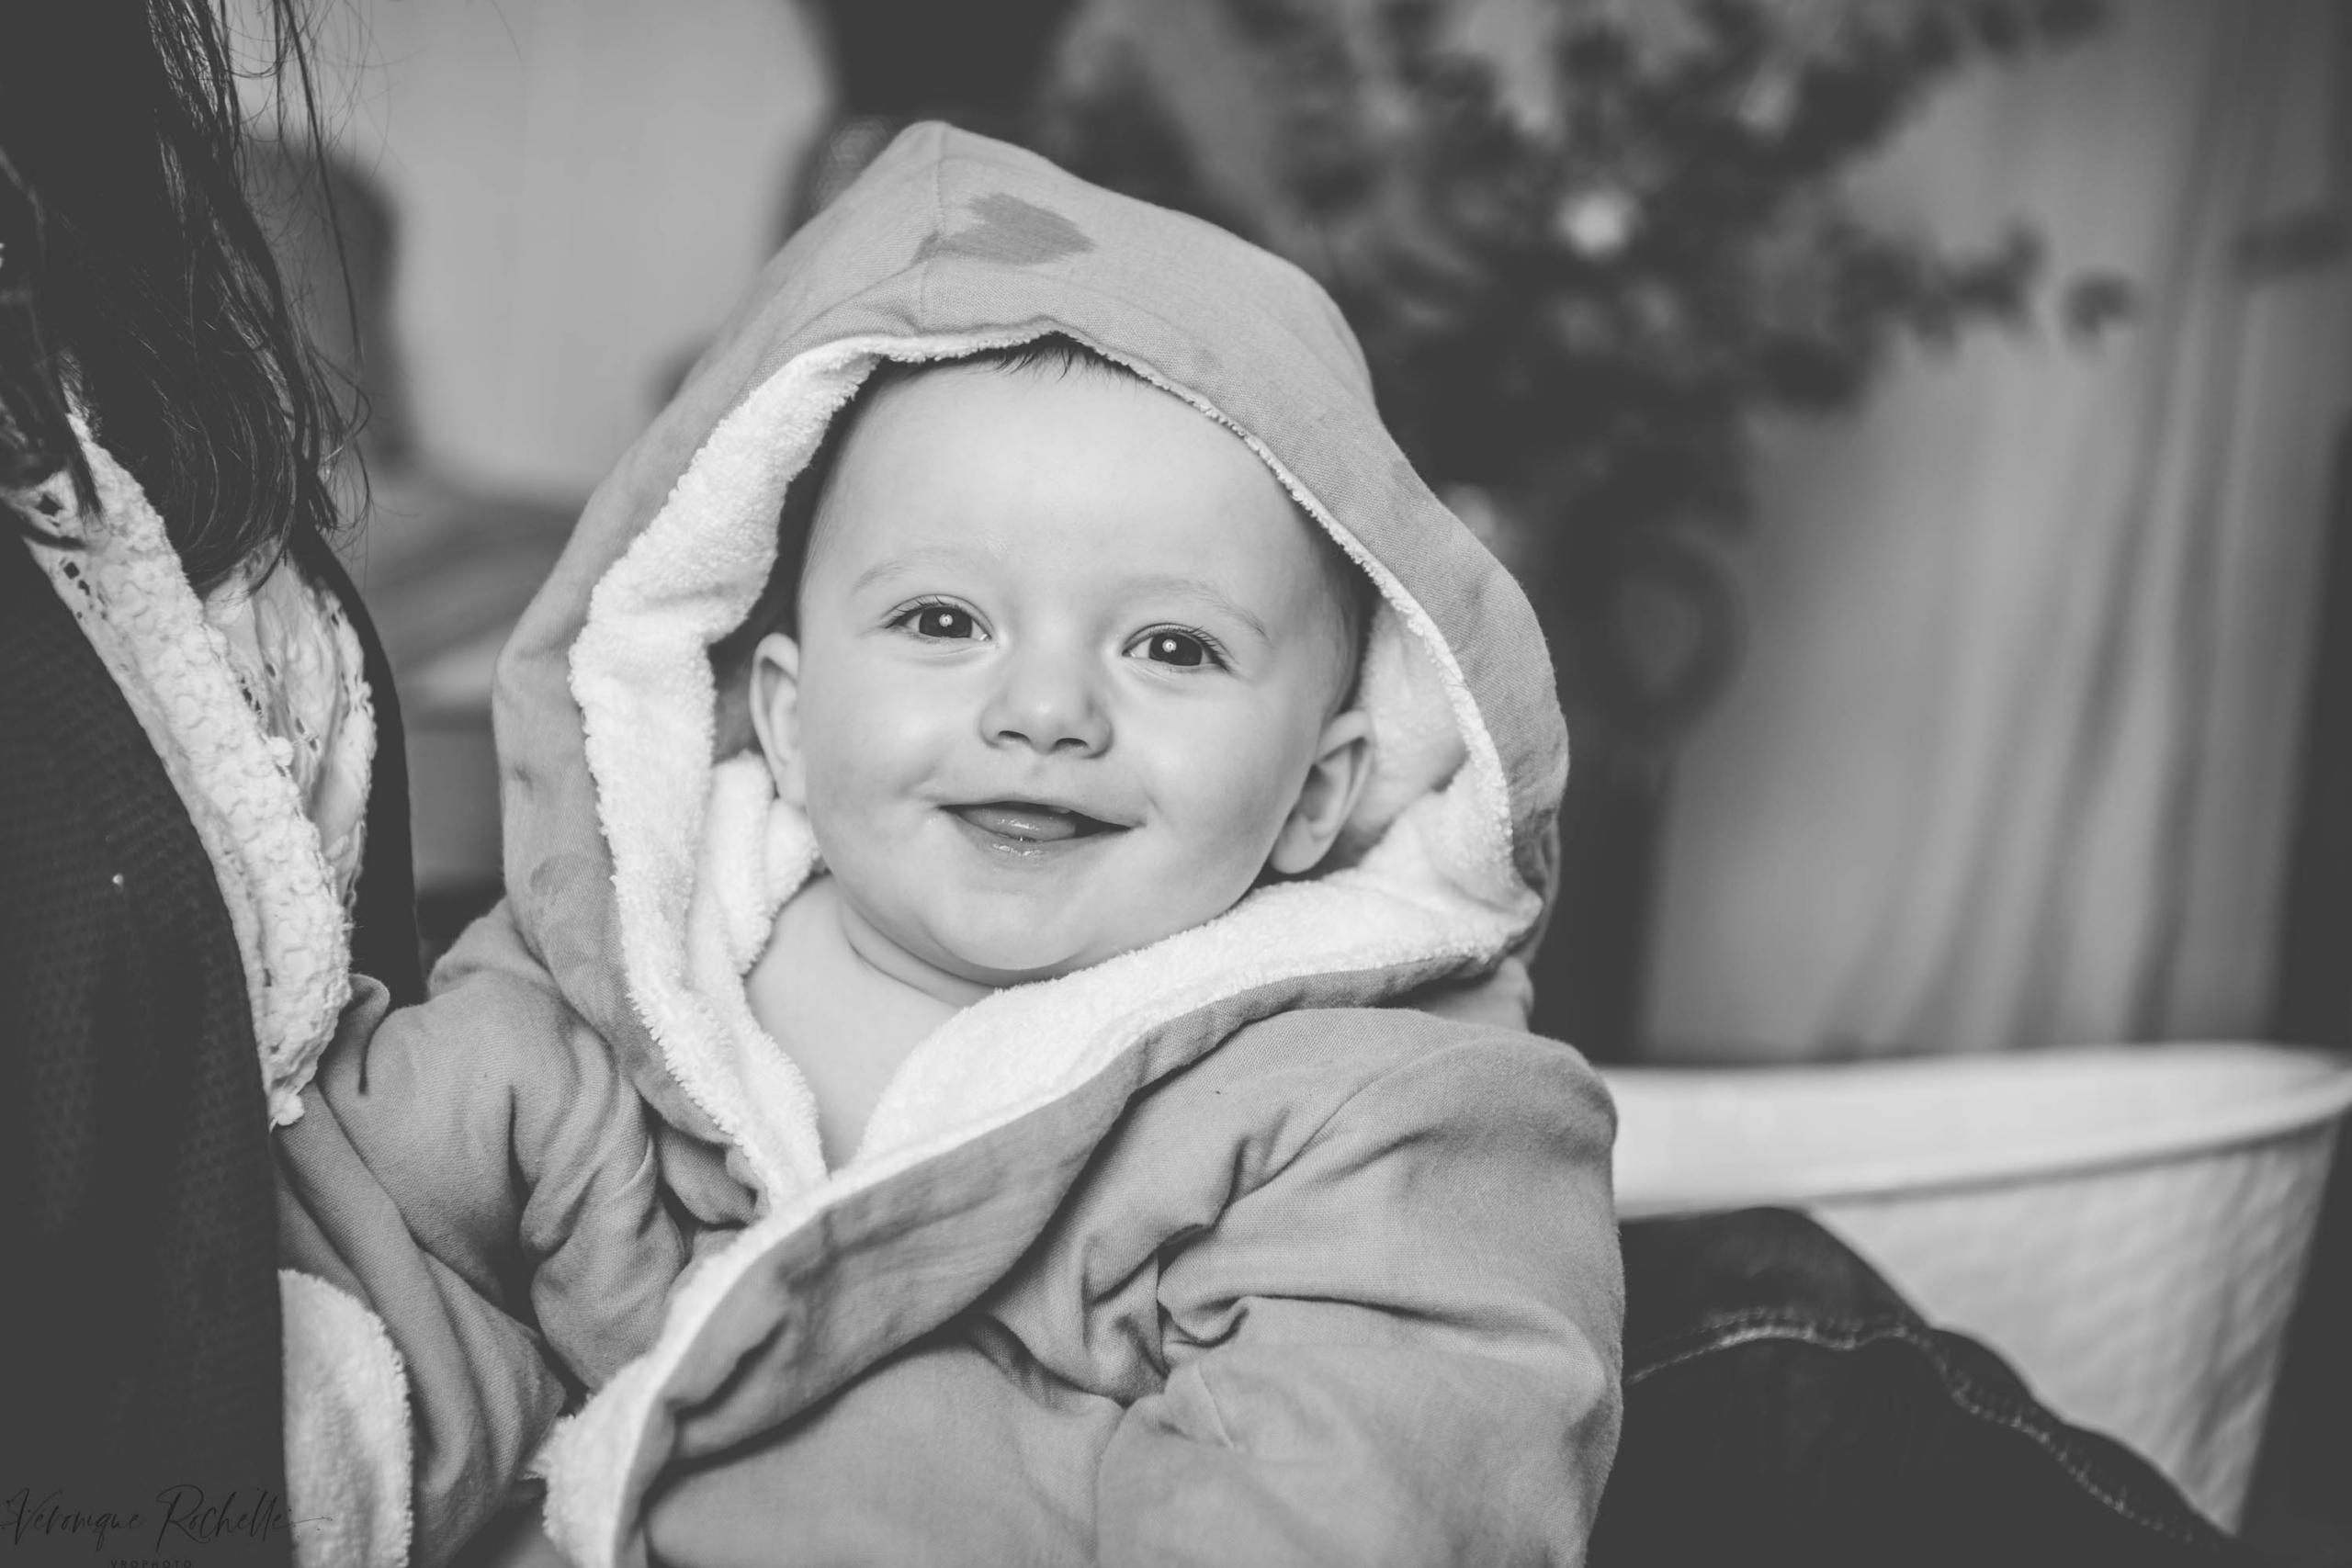 VRO Photo - Véronique Rochelle est une photographe d'enfant dans le secteur de Nantes - Rennes et sur toute la France